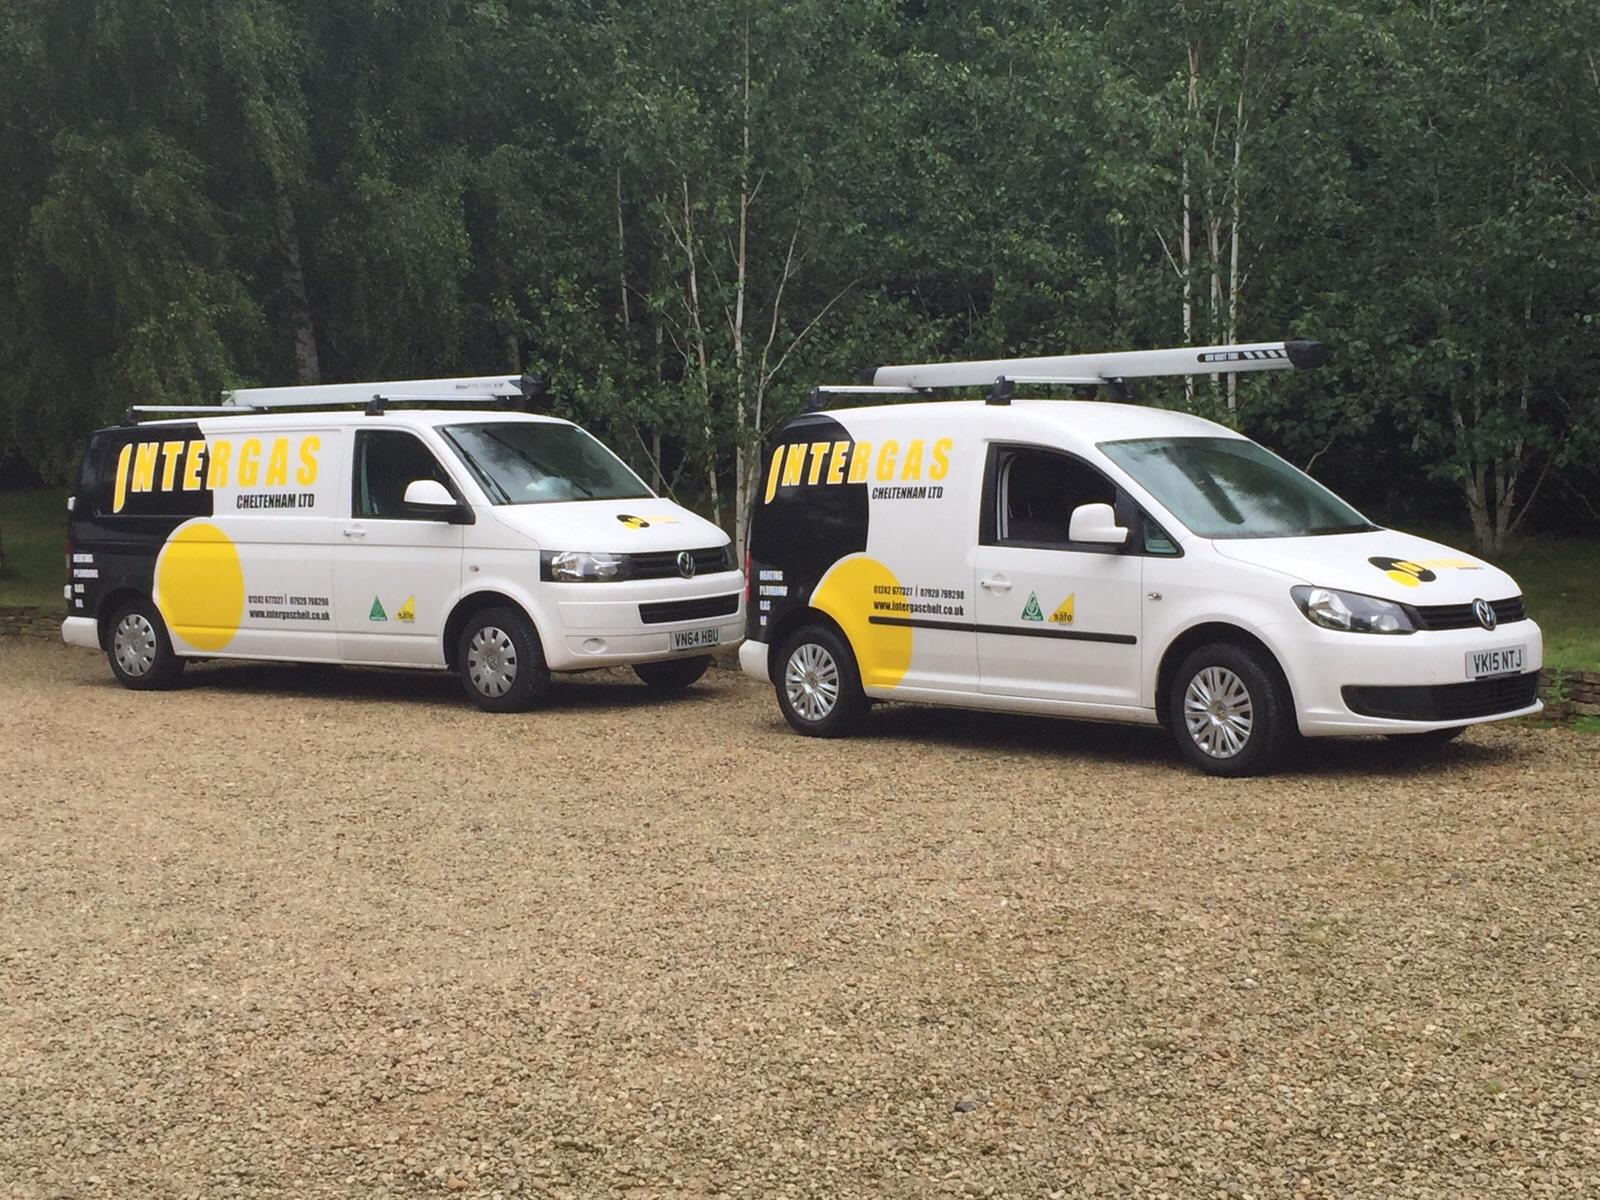 Intergas Cheltenham Price Davis Accountants in Stroud